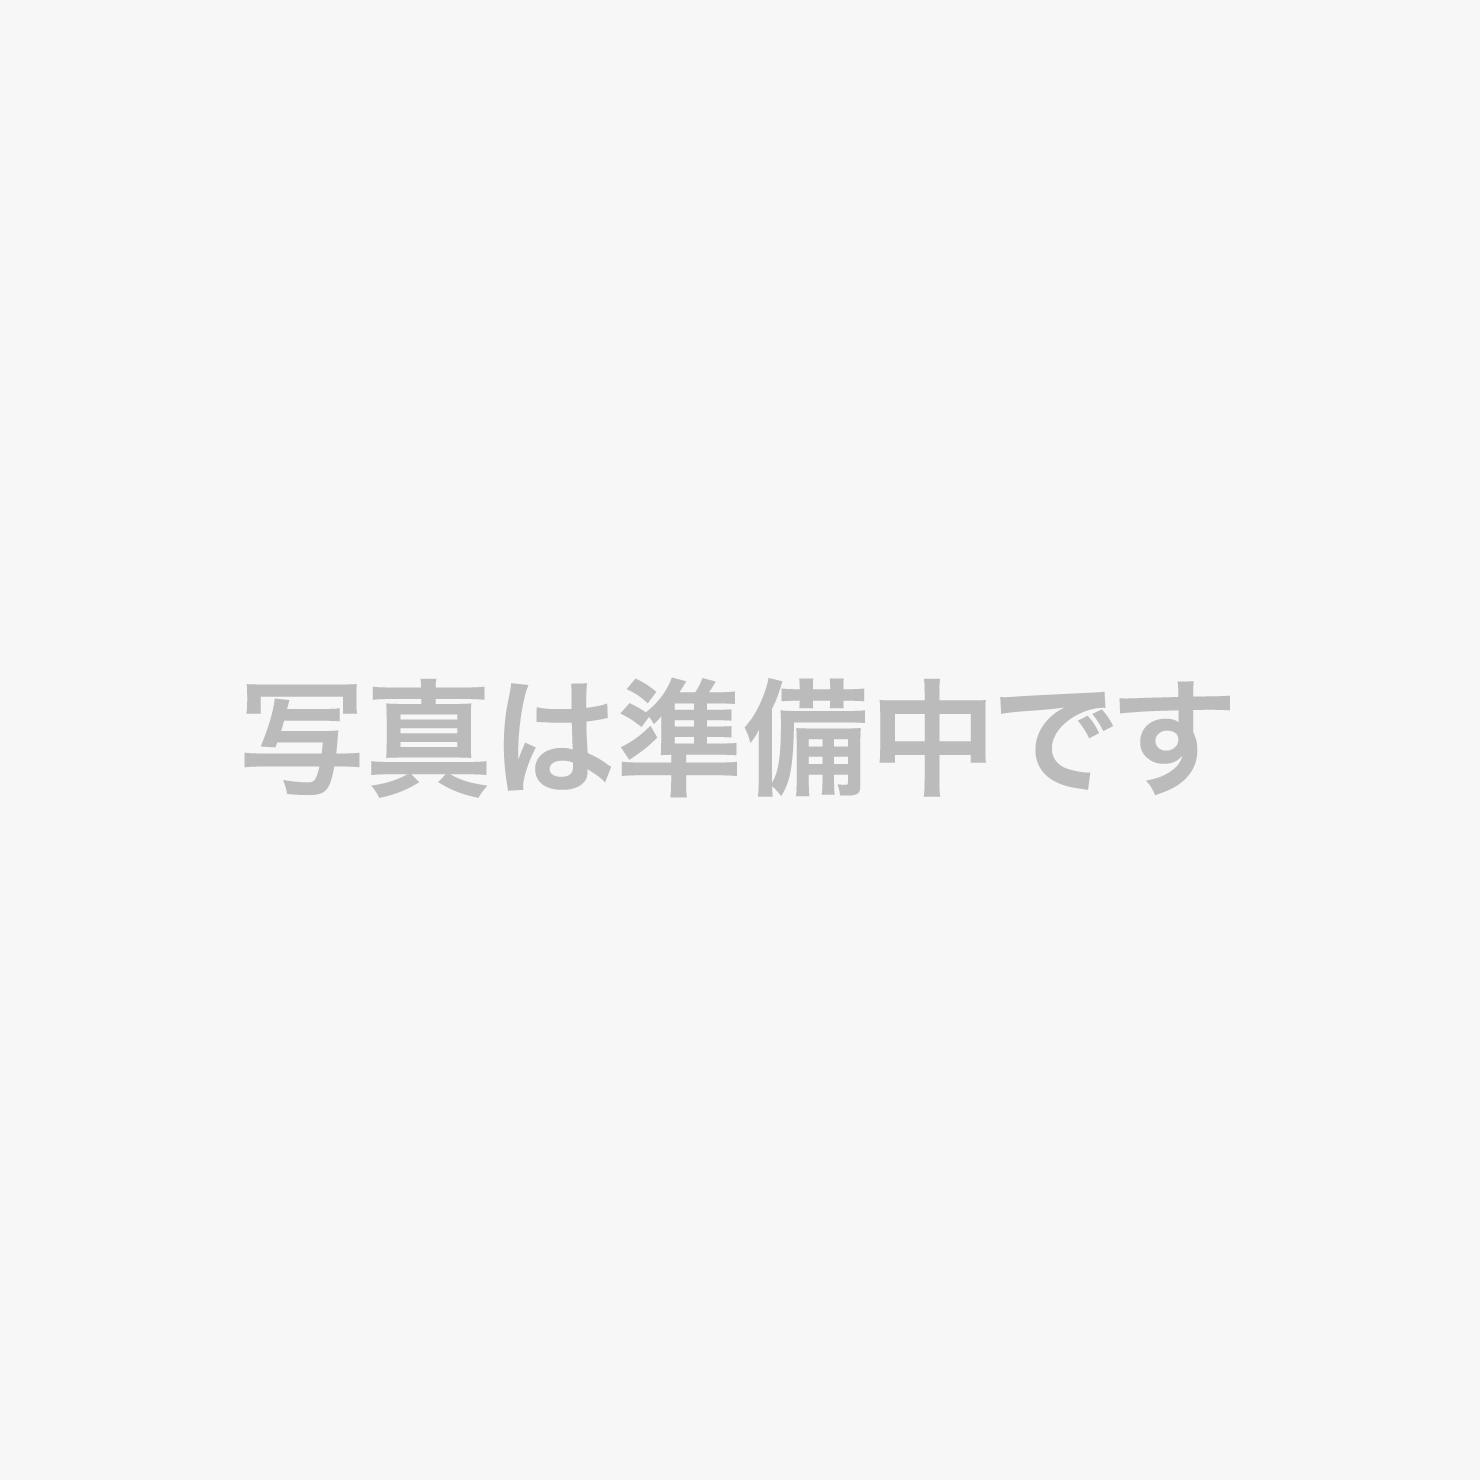 アメニティ(スイート・デラックス)